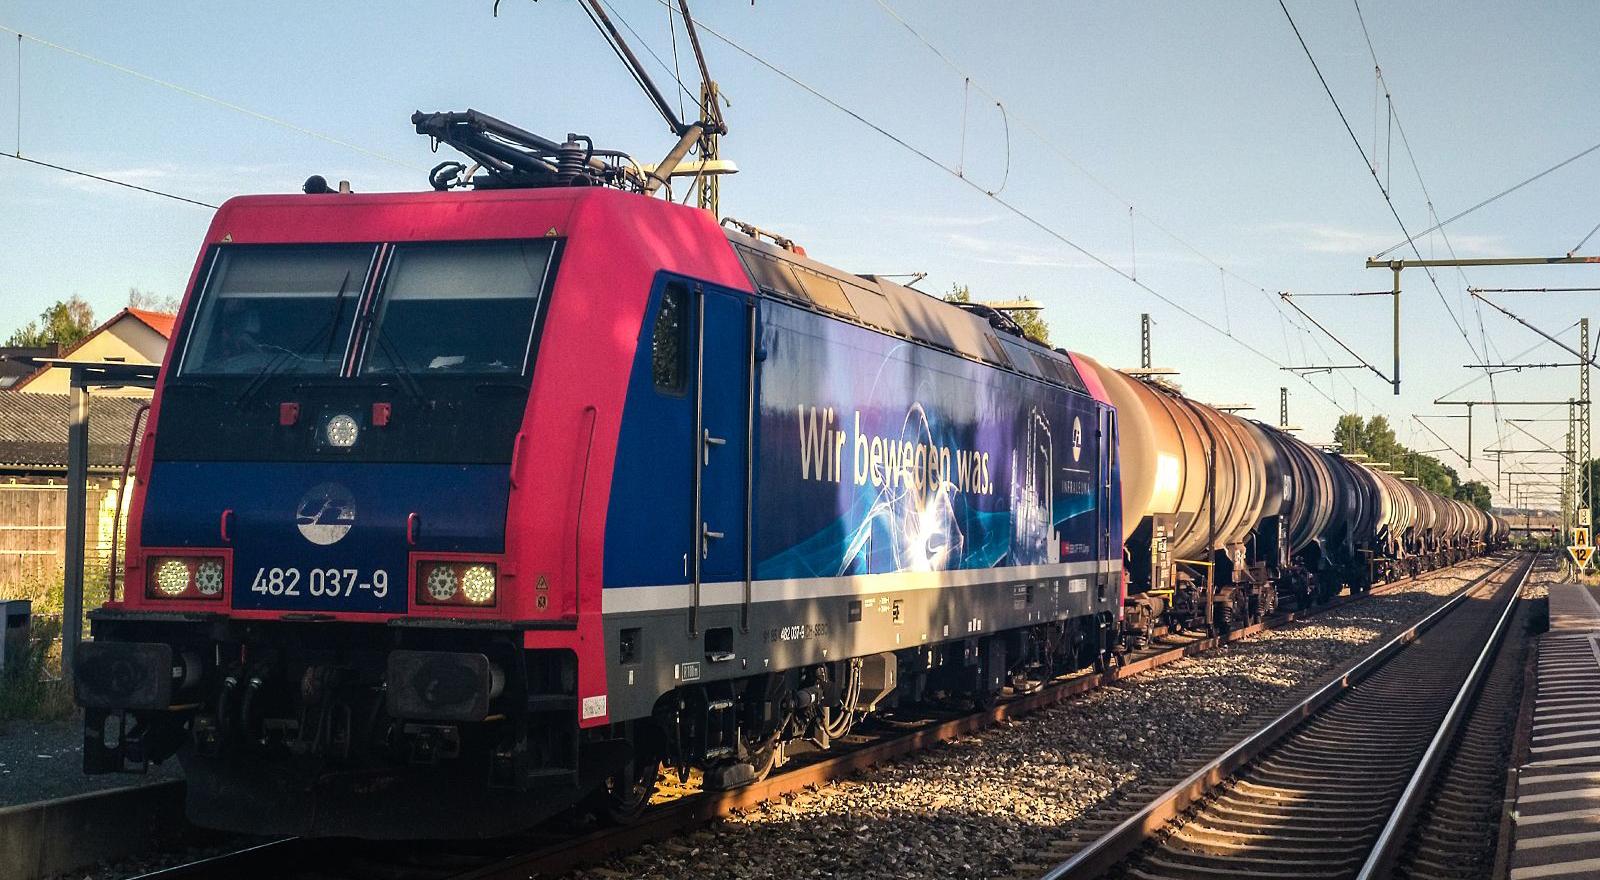 JULI-MOTIV | ©Foto: Denis Herwig | railmen | Lokführer im Dienst für InfraLeuna | Gütertransport macht Zwischenstopp in Hallstadt wegen Zugüberholung | Baureihe 482